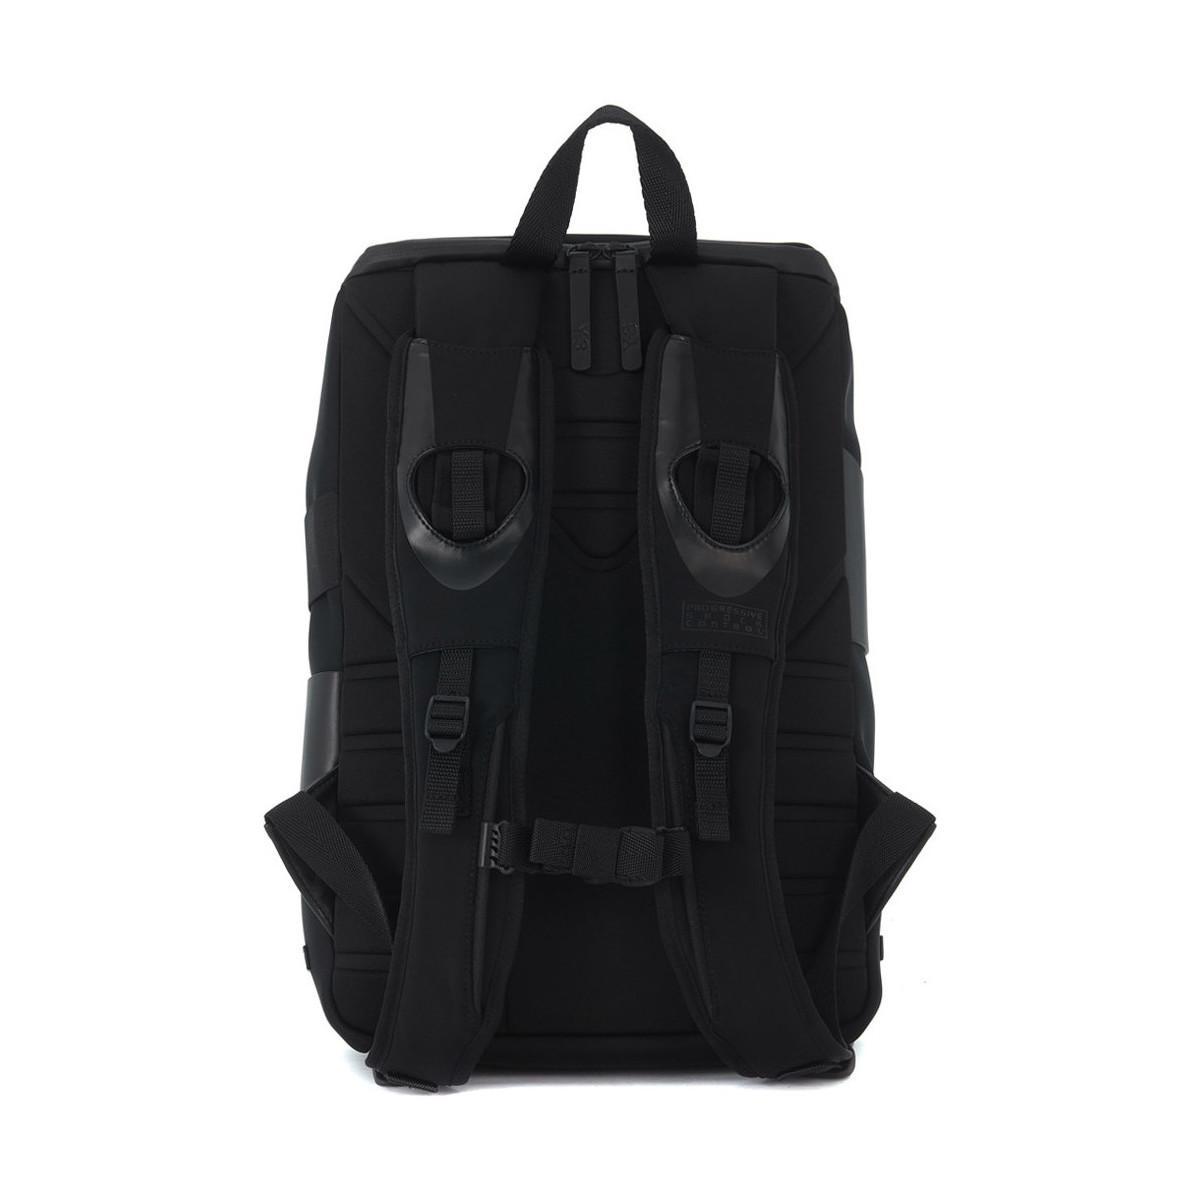 Y-3 Zaino Modello Qrush Small In Tessuto Tecnico E Pelle Men's Backpack In Black for Men